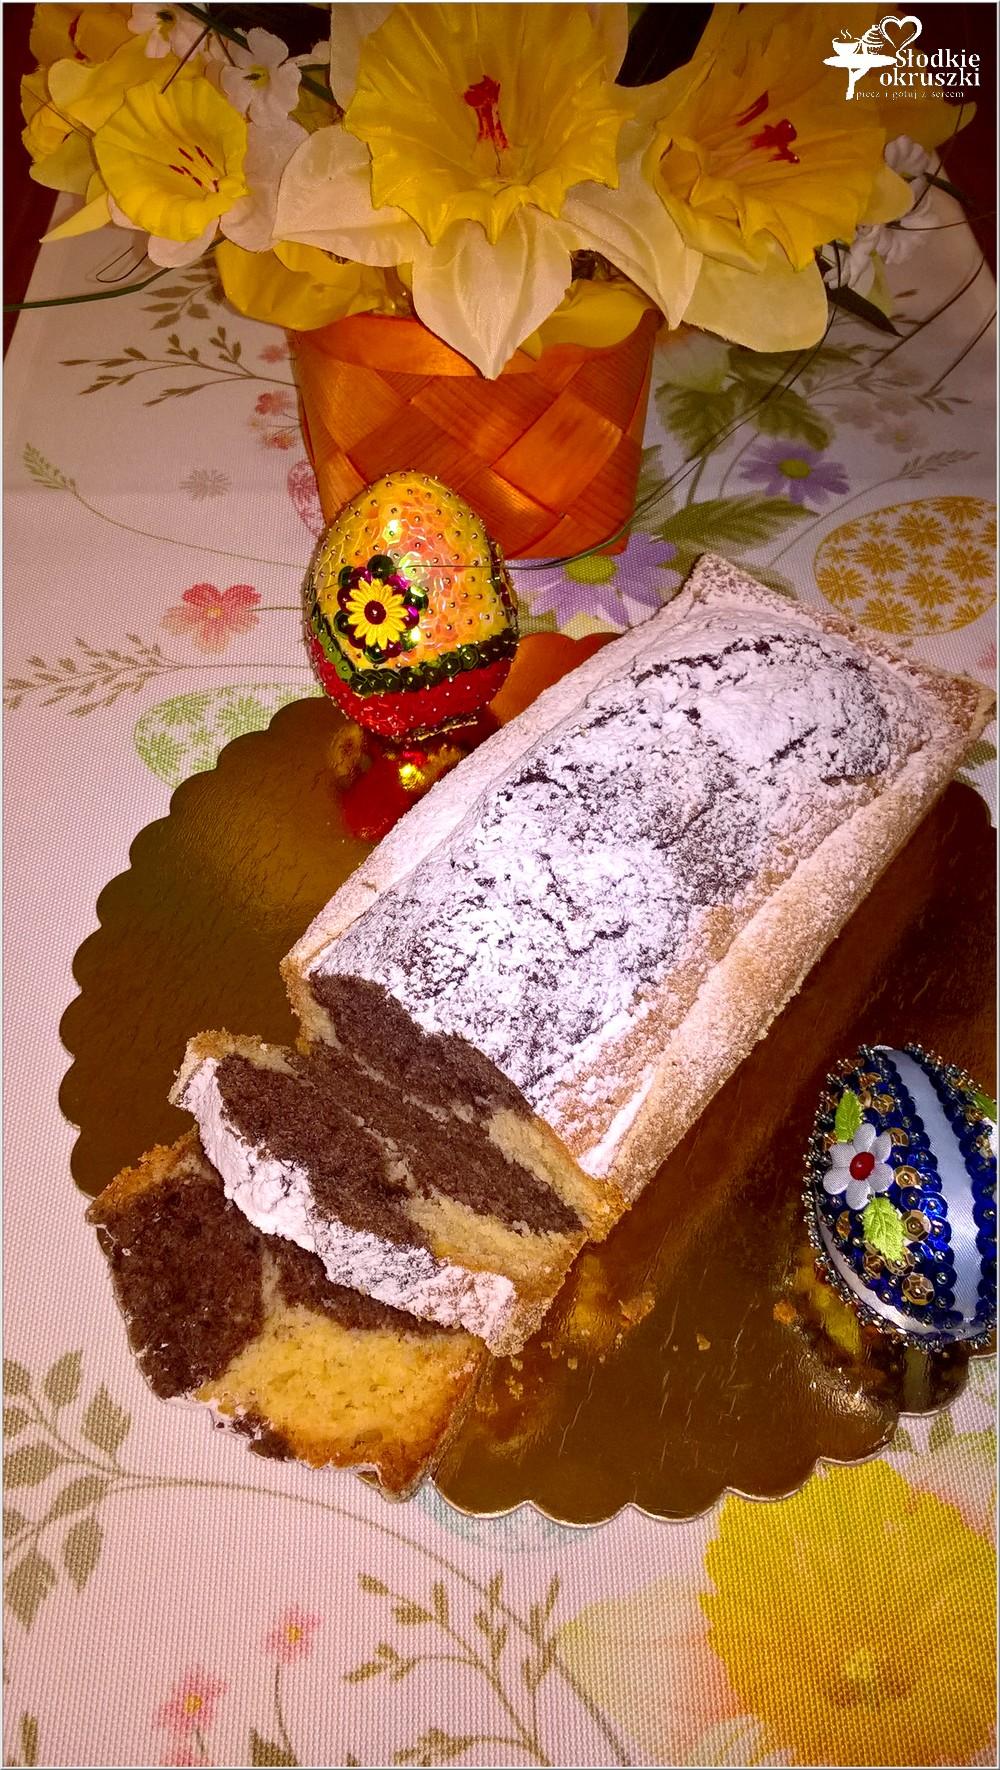 Szybka babka waniliowo-kakaowa na świąteczny stół (6)